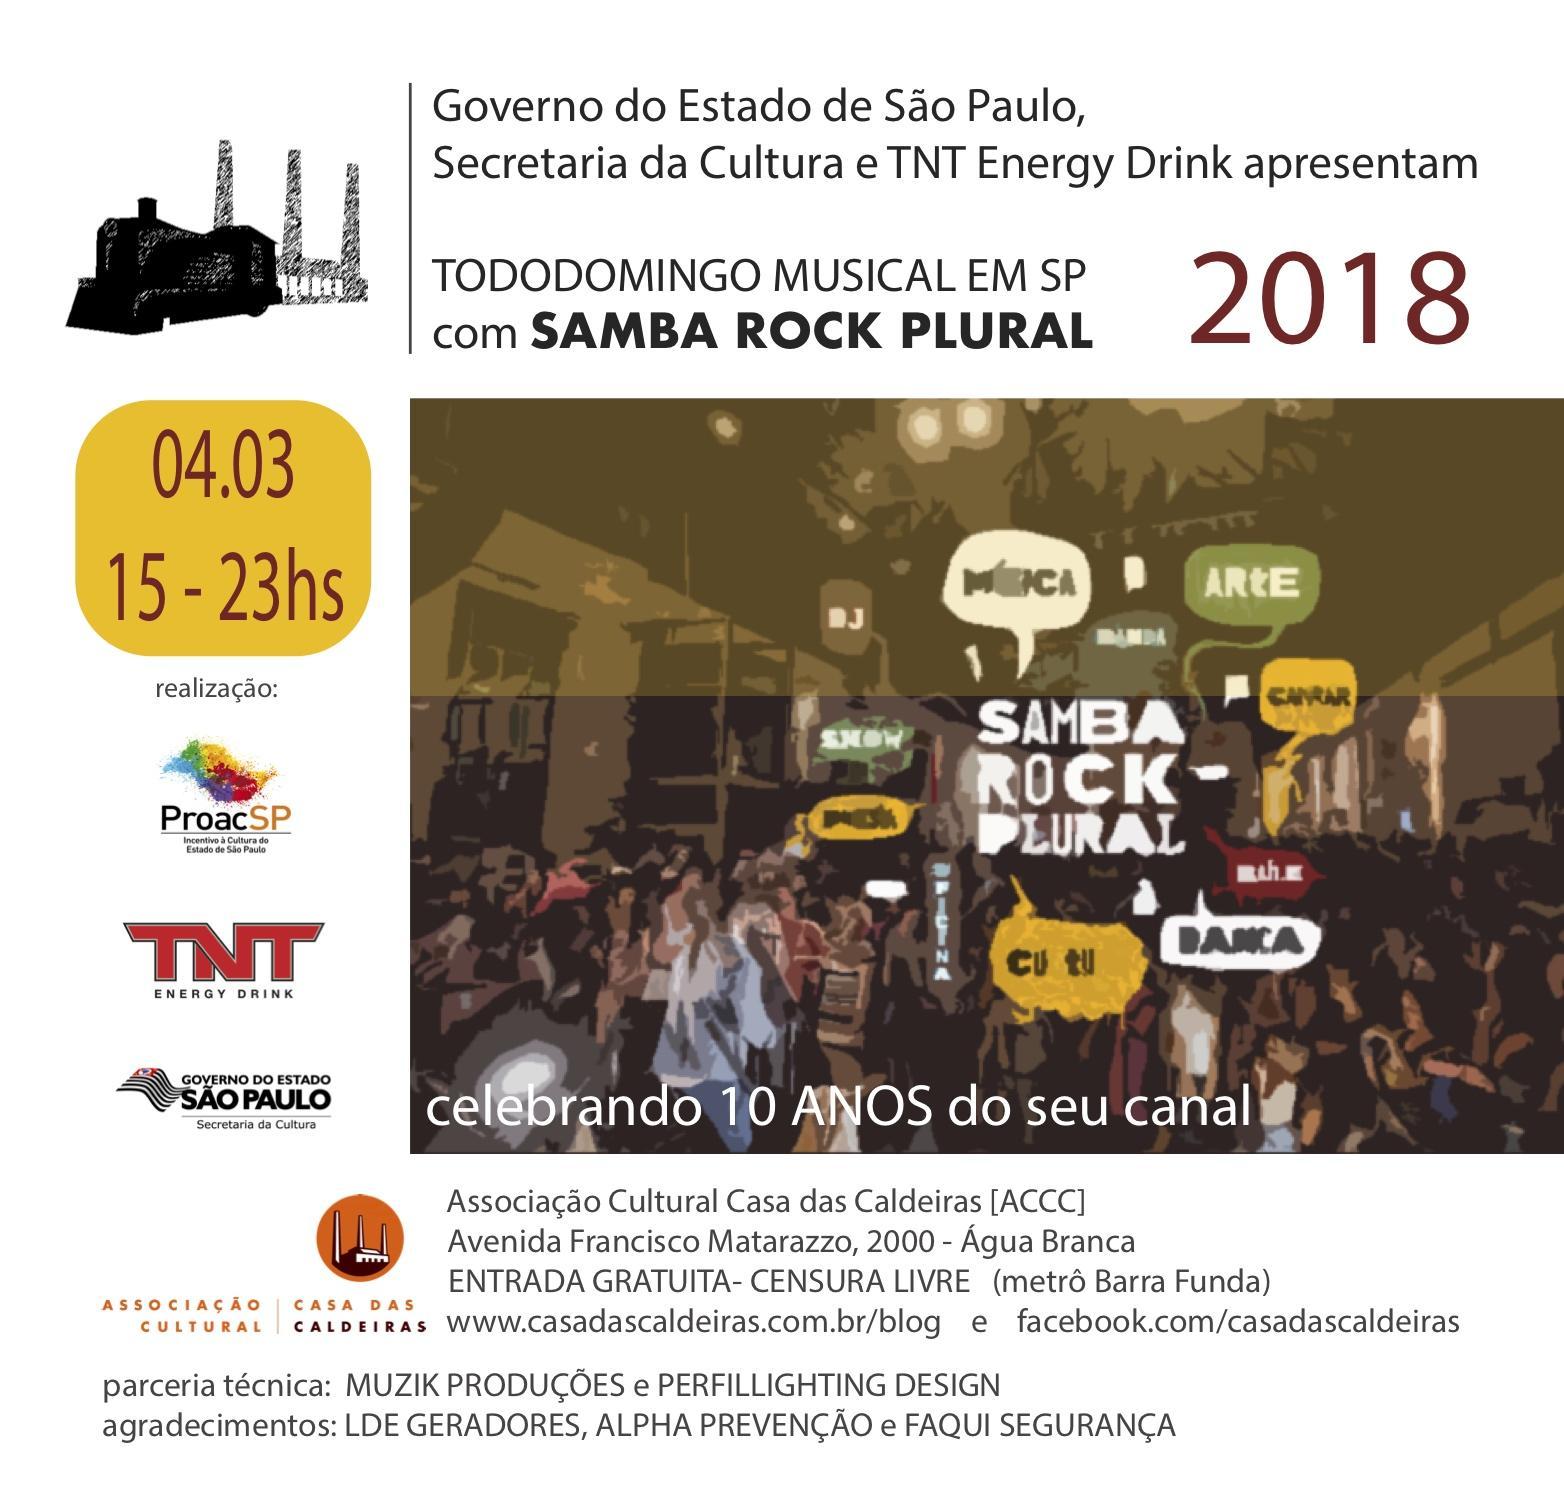 Samba Rock na Veia - 04.03